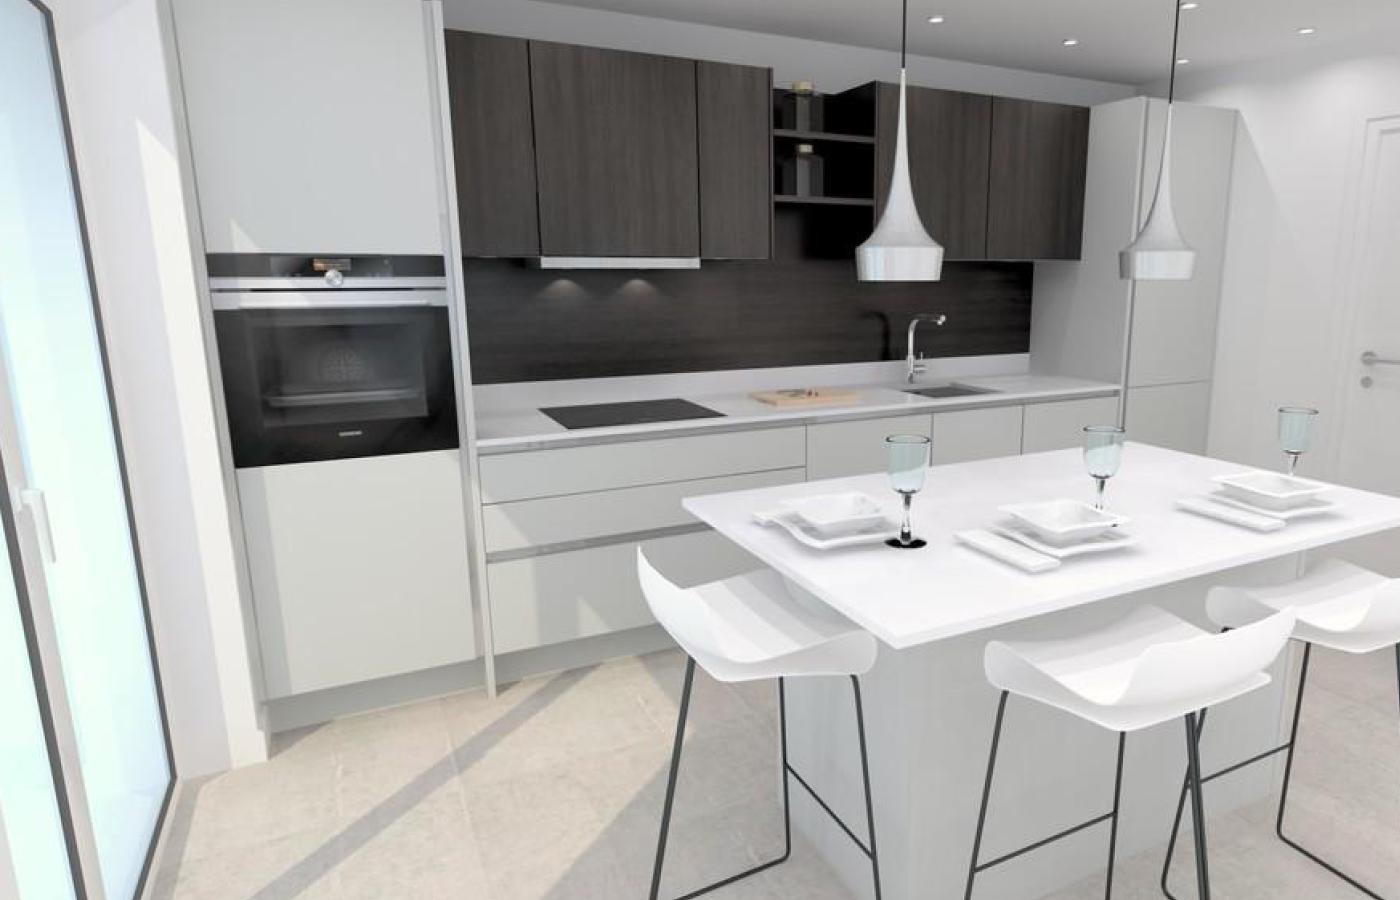 luxury apartment nottingham trent bridge quays kitchen / diner cgi